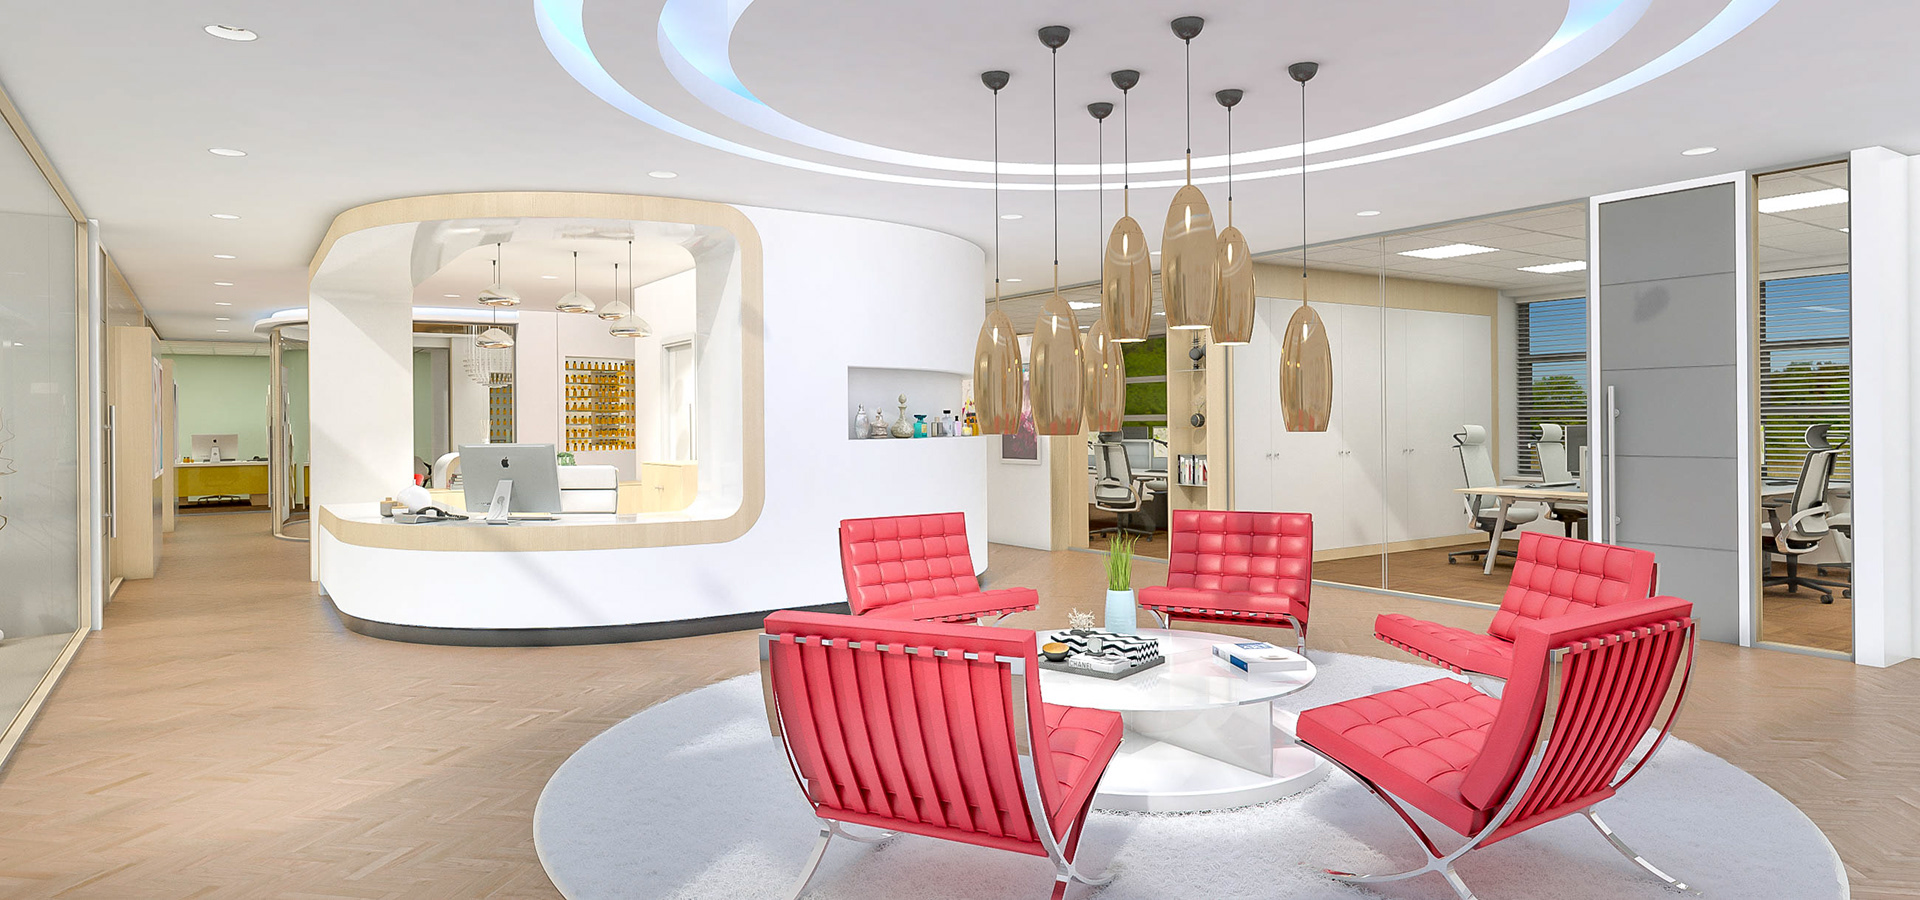 office lobby interior design office room. Client Visual For Office Lobby Area Interior Design Room